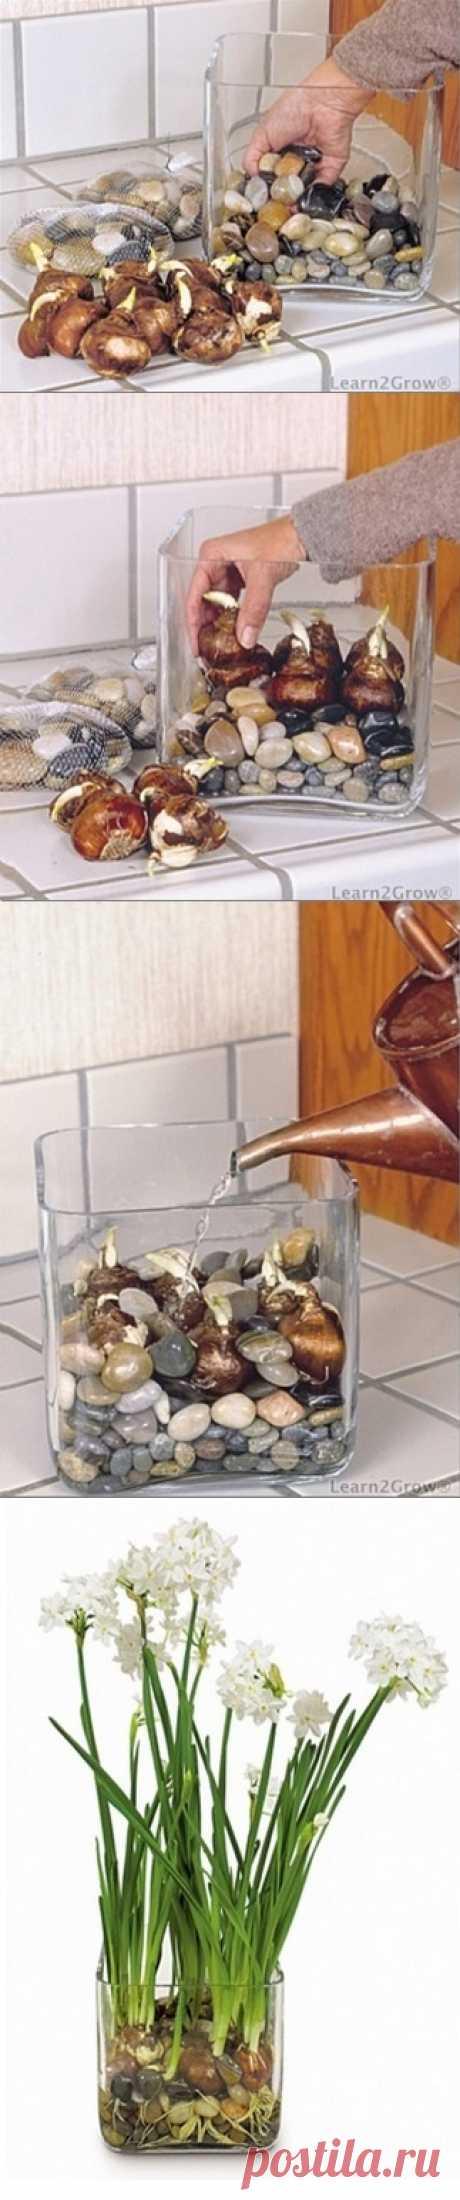 Как чистый, современной мебелью в загородном стиле и посчитать... - вдохновляющие картинки на Joyzz.com